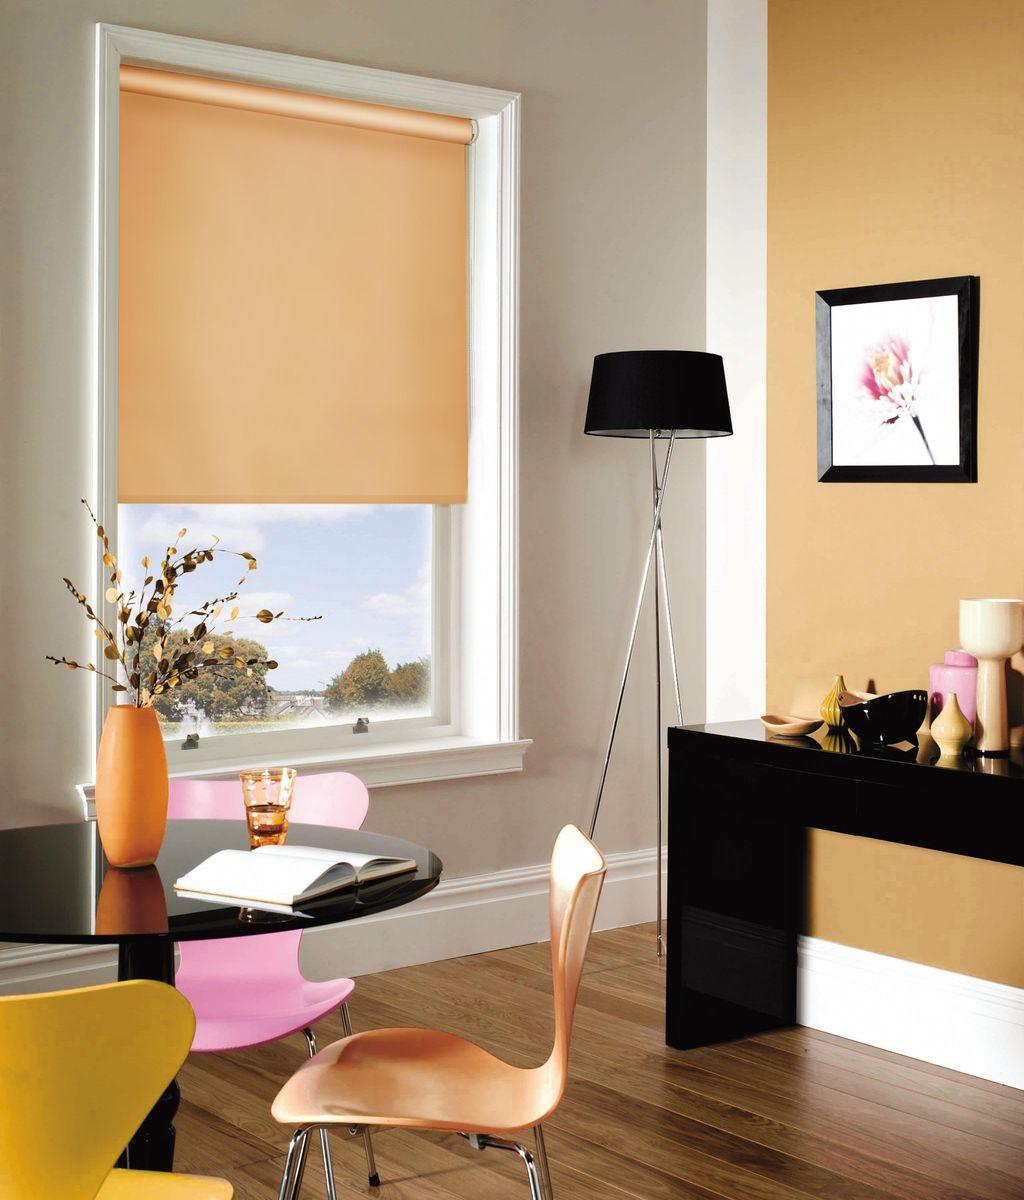 Штора рулонная Эскар, цвет: абрикосовый, ширина 130 см, высота 170 см81012130170Рулонными шторами можно оформлять окна как самостоятельно, так и использовать в комбинации с портьерами. Это поможет предотвратить выгорание дорогой ткани на солнце и соединит функционал рулонных с красотой навесных.Преимущества применения рулонных штор для пластиковых окон:- имеют прекрасный внешний вид: многообразие и фактурность материала изделия отлично смотрятся в любом интерьере; - многофункциональны: есть возможность подобрать шторы способные эффективно защитить комнату от солнца, при этом о на не будет слишком темной. - Есть возможность осуществить быстрый монтаж. ВНИМАНИЕ! Размеры ширины изделия указаны по ширине ткани!Во время эксплуатации не рекомендуется полностью разматывать рулон, чтобы не оторвать ткань от намоточного вала.В случае загрязнения поверхности ткани, чистку шторы проводят одним из способов, в зависимости от типа загрязнения: легкое поверхностное загрязнение можно удалить при помощи канцелярского ластика; чистка от пыли производится сухим методом при помощи пылесоса с мягкой щеткой-насадкой; для удаления пятна используйте мягкую губку с пенообразующим неагрессивным моющим средством или пятновыводитель на натуральной основе (нельзя применять растворители).